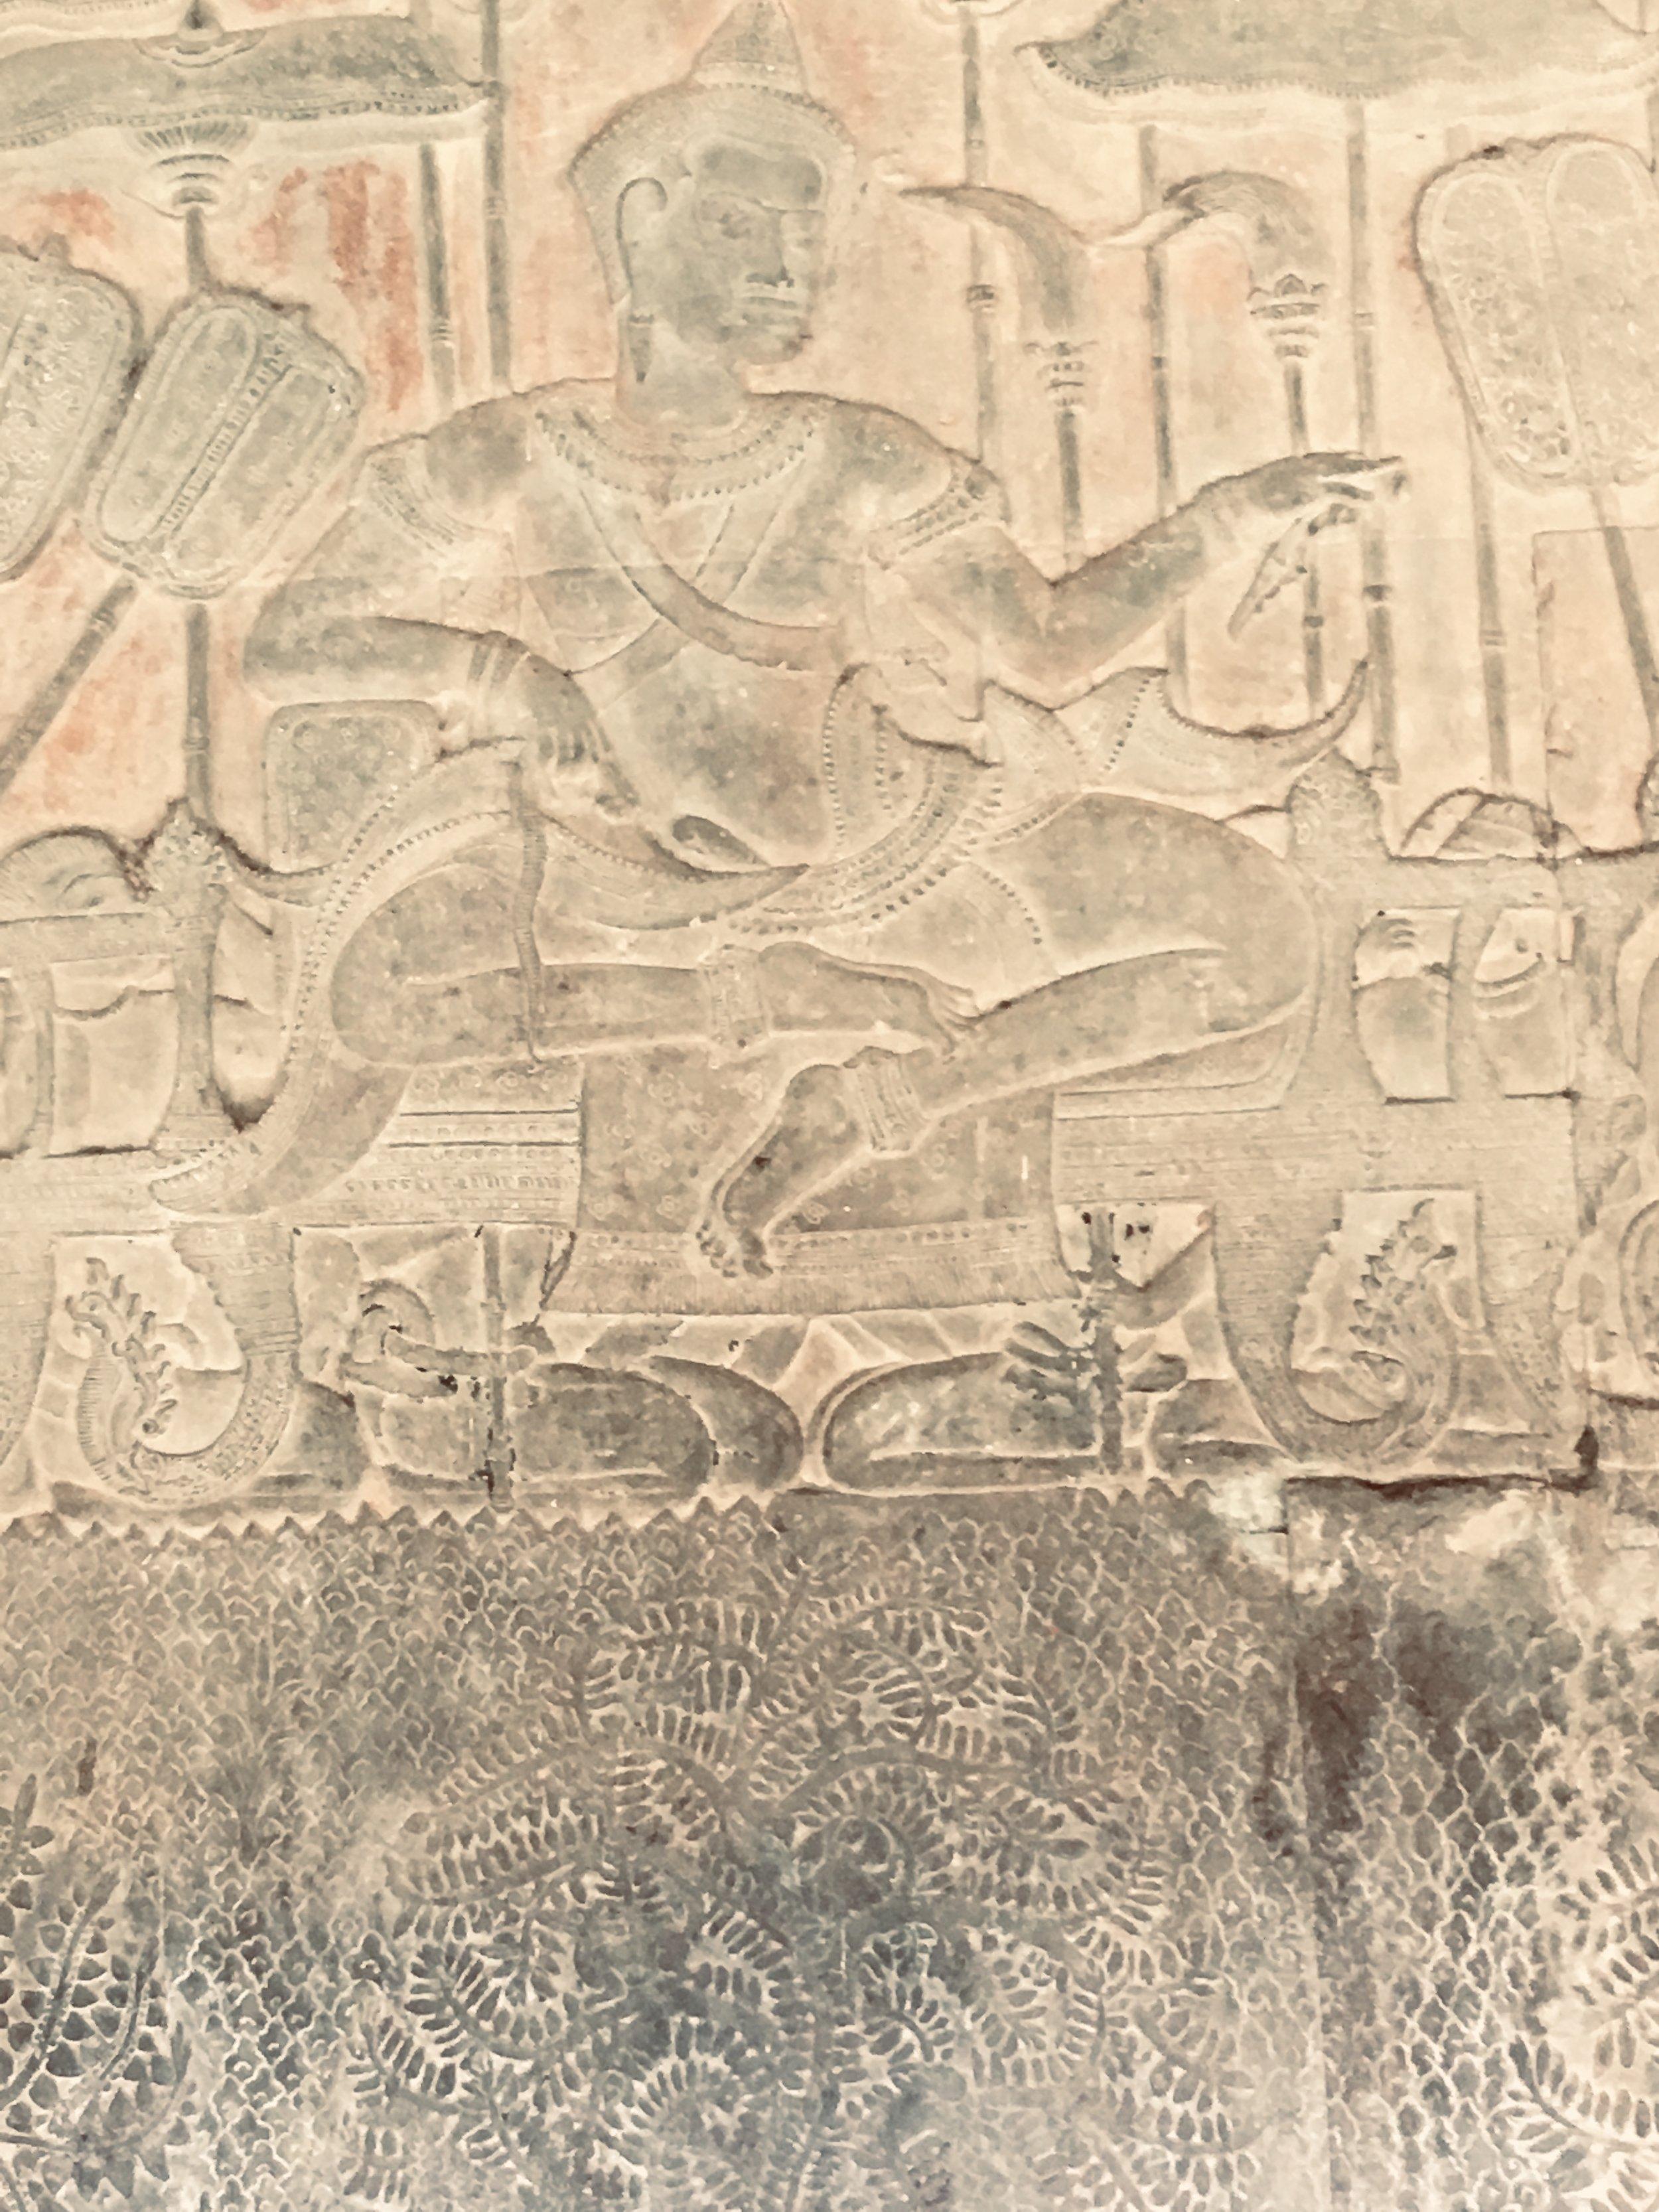 Sculpture of the builder of Angkor Wat, King Suryavaram II